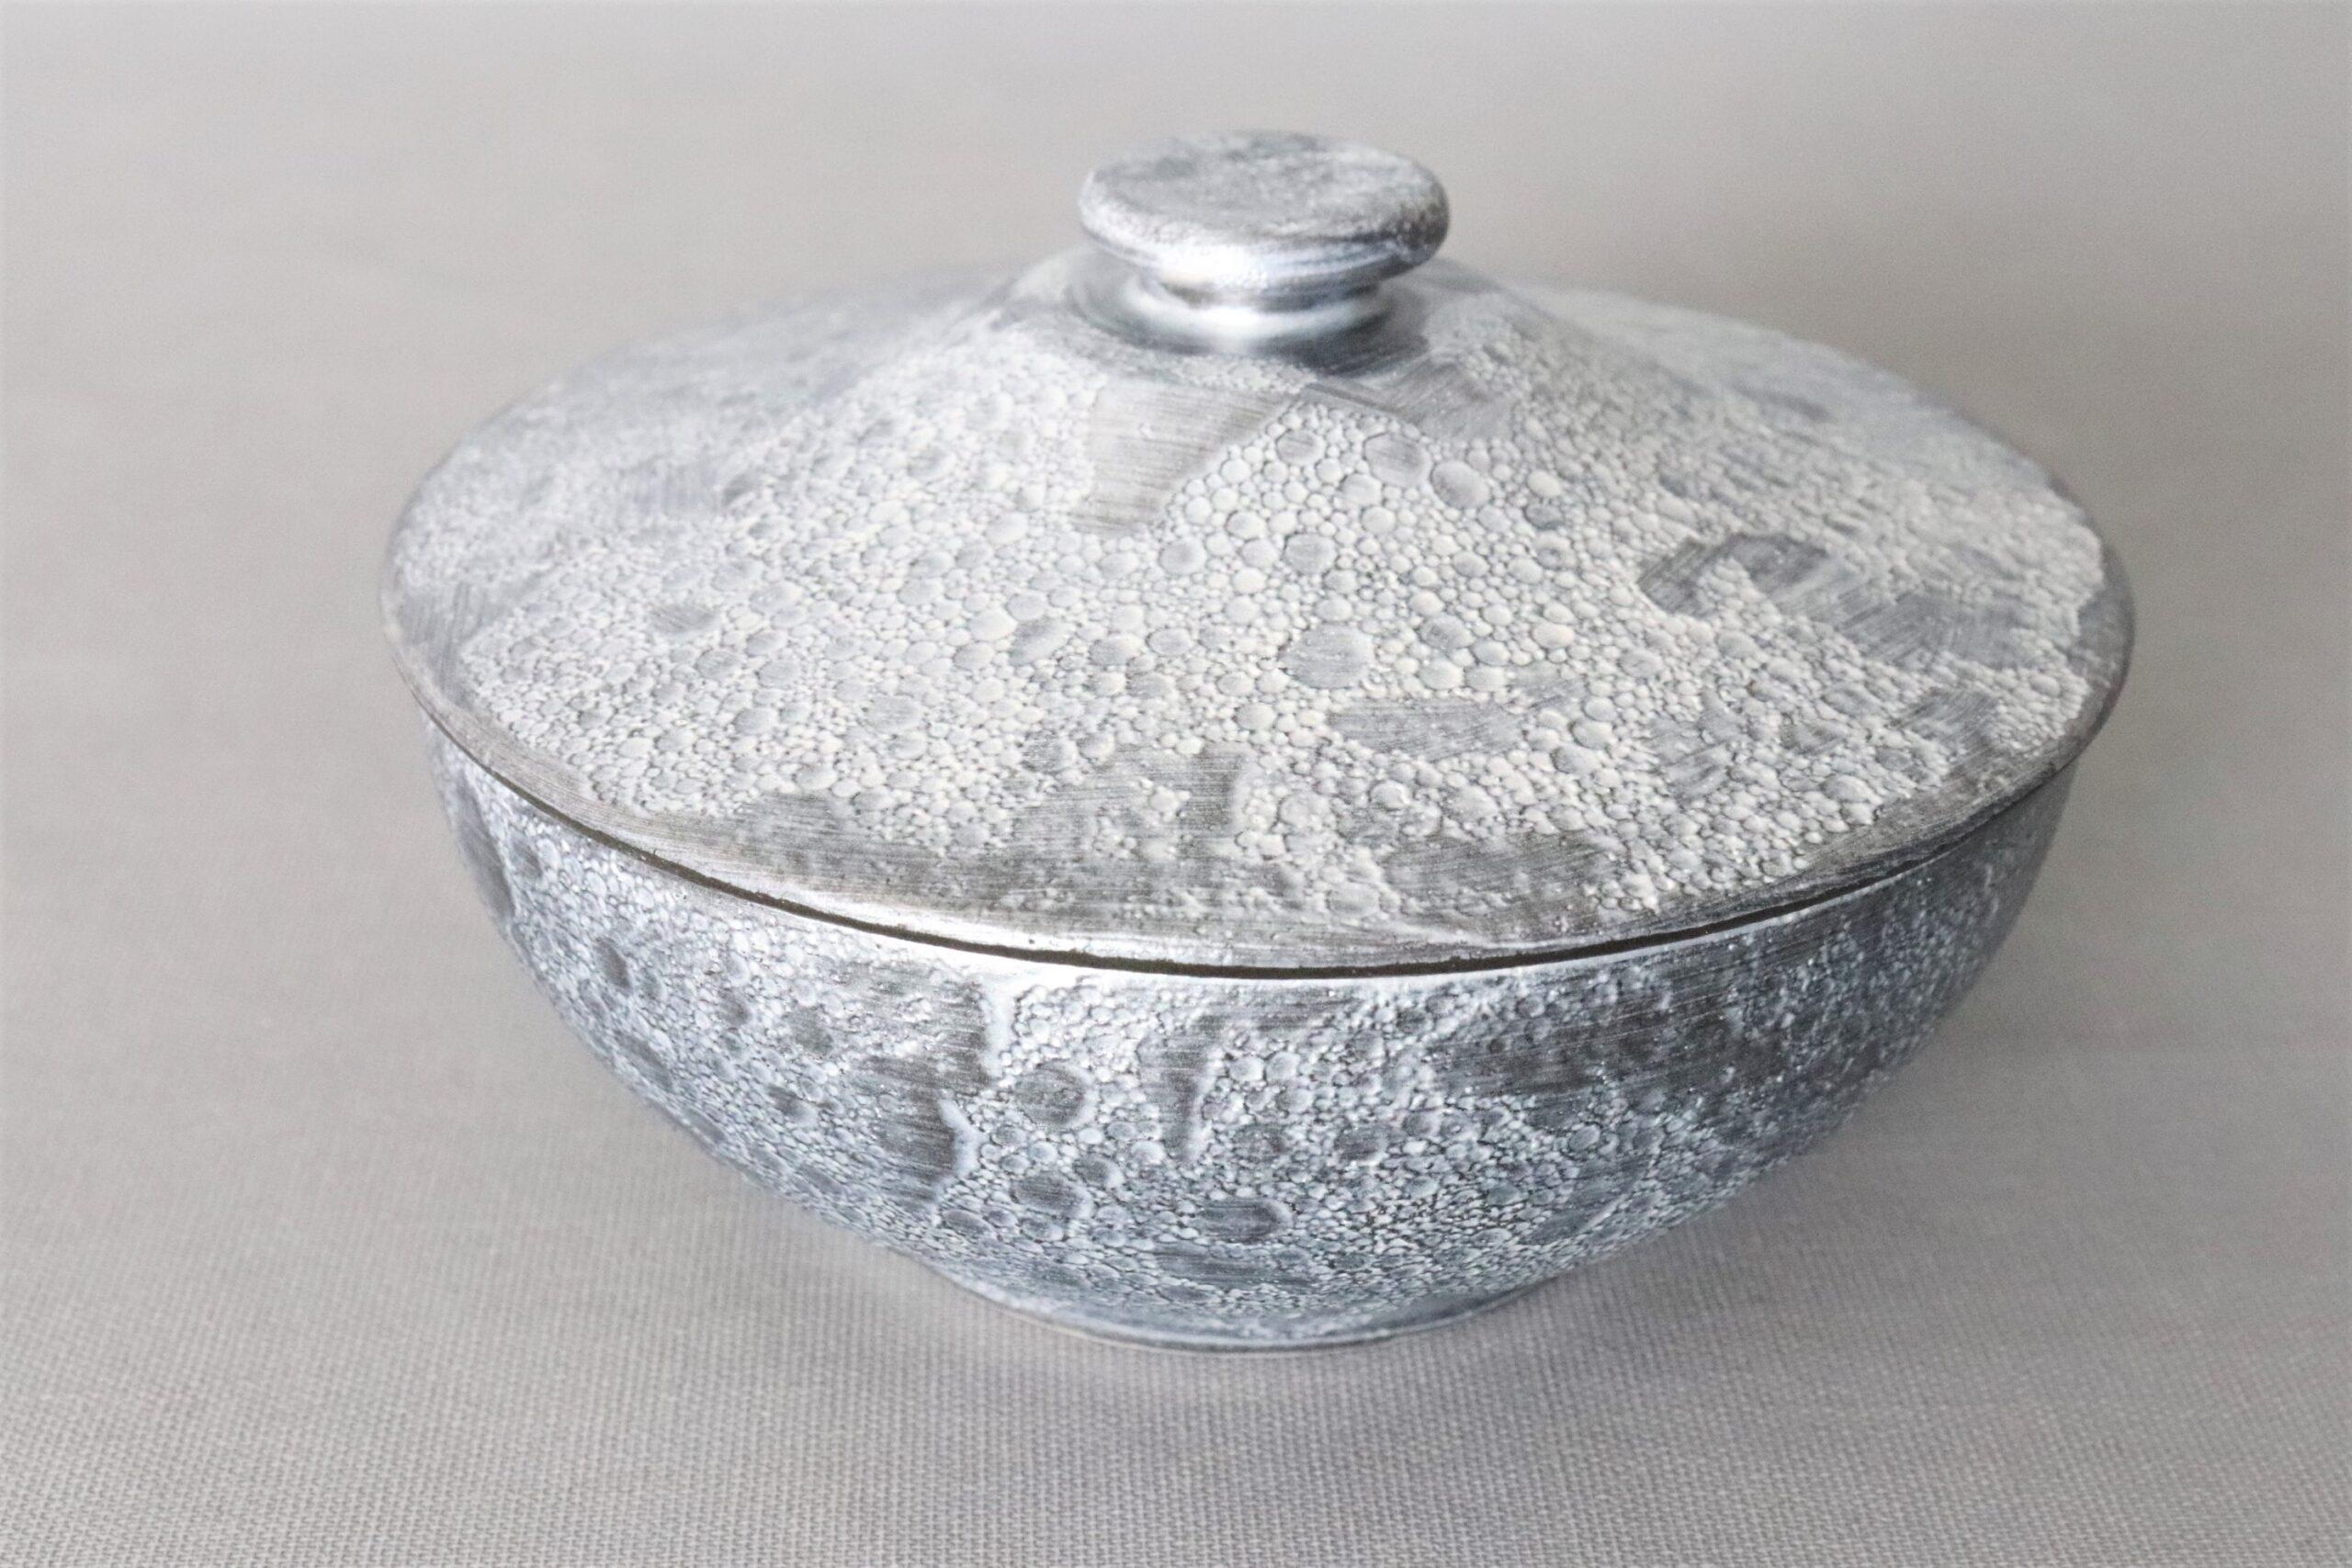 【有田焼】黒泡化粧雲母銀富士型蓋物 大